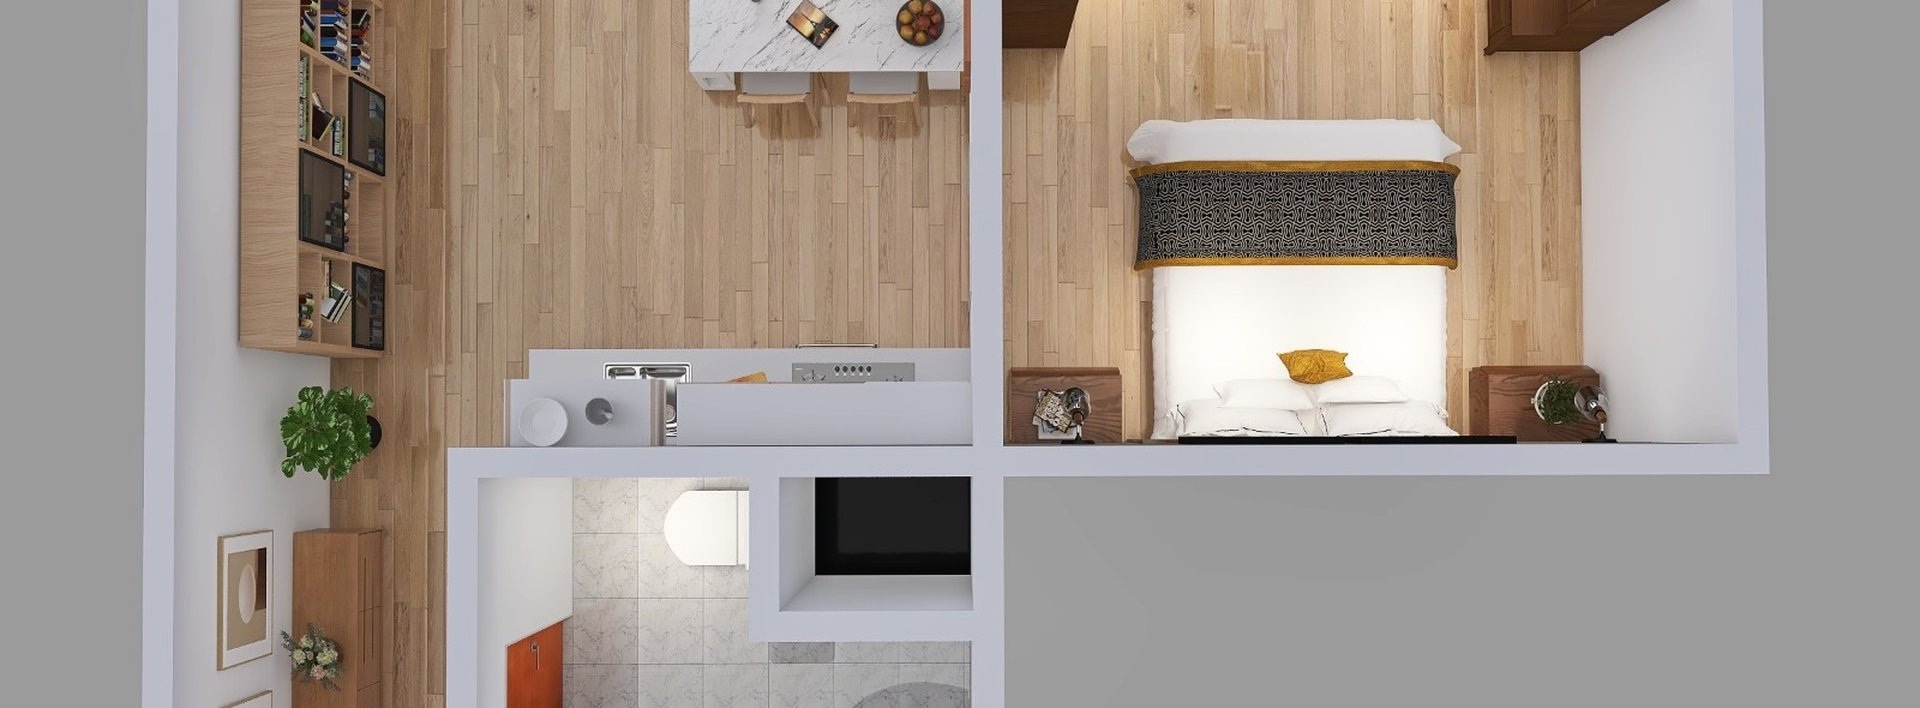 Kompletně zrekonstruovaný byt 1+1 nedaleko centra Liberce, Ev.č.: N49315